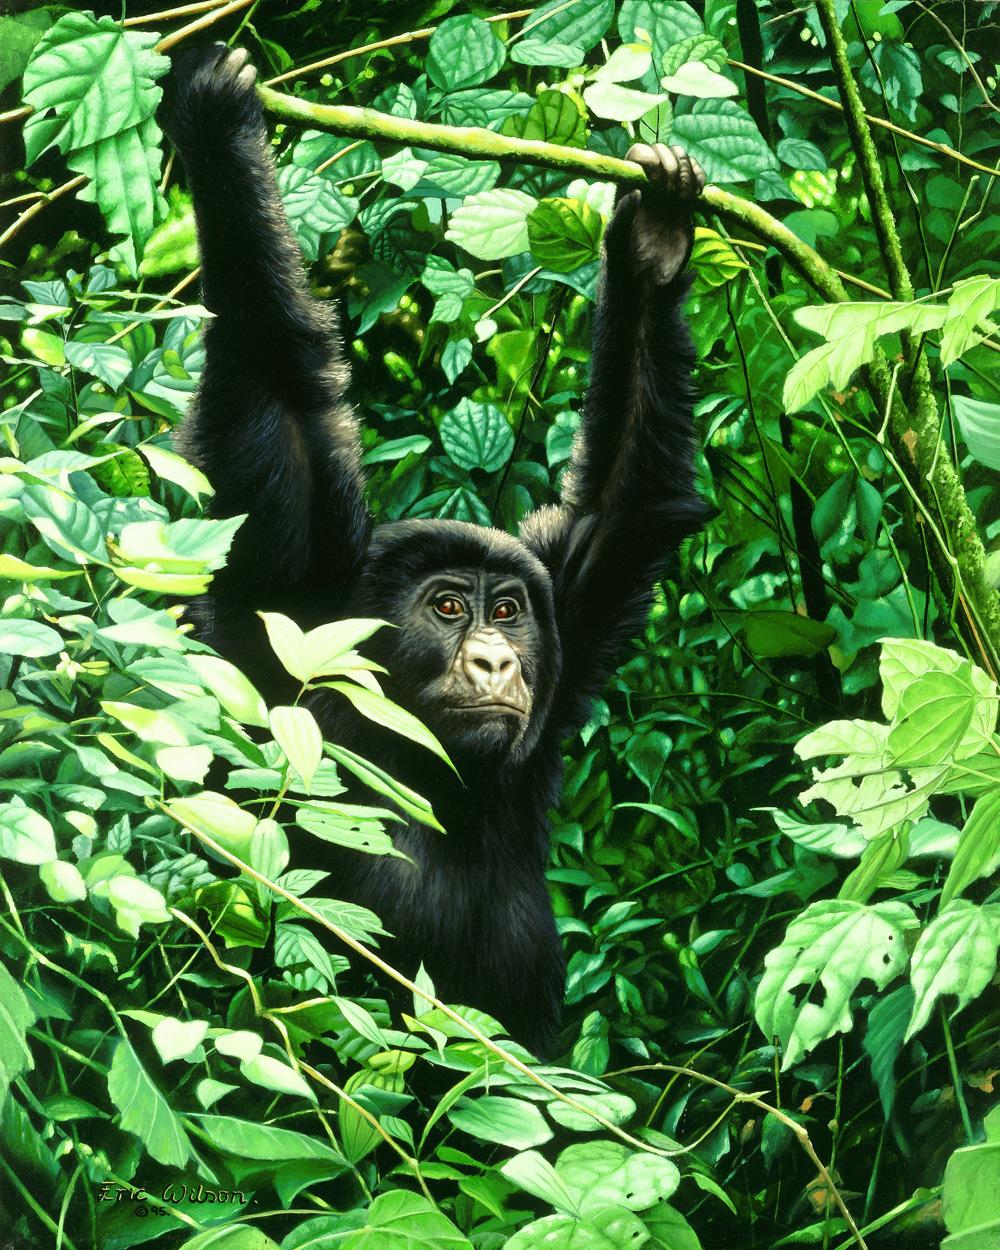 Juvenille Gorilla painting